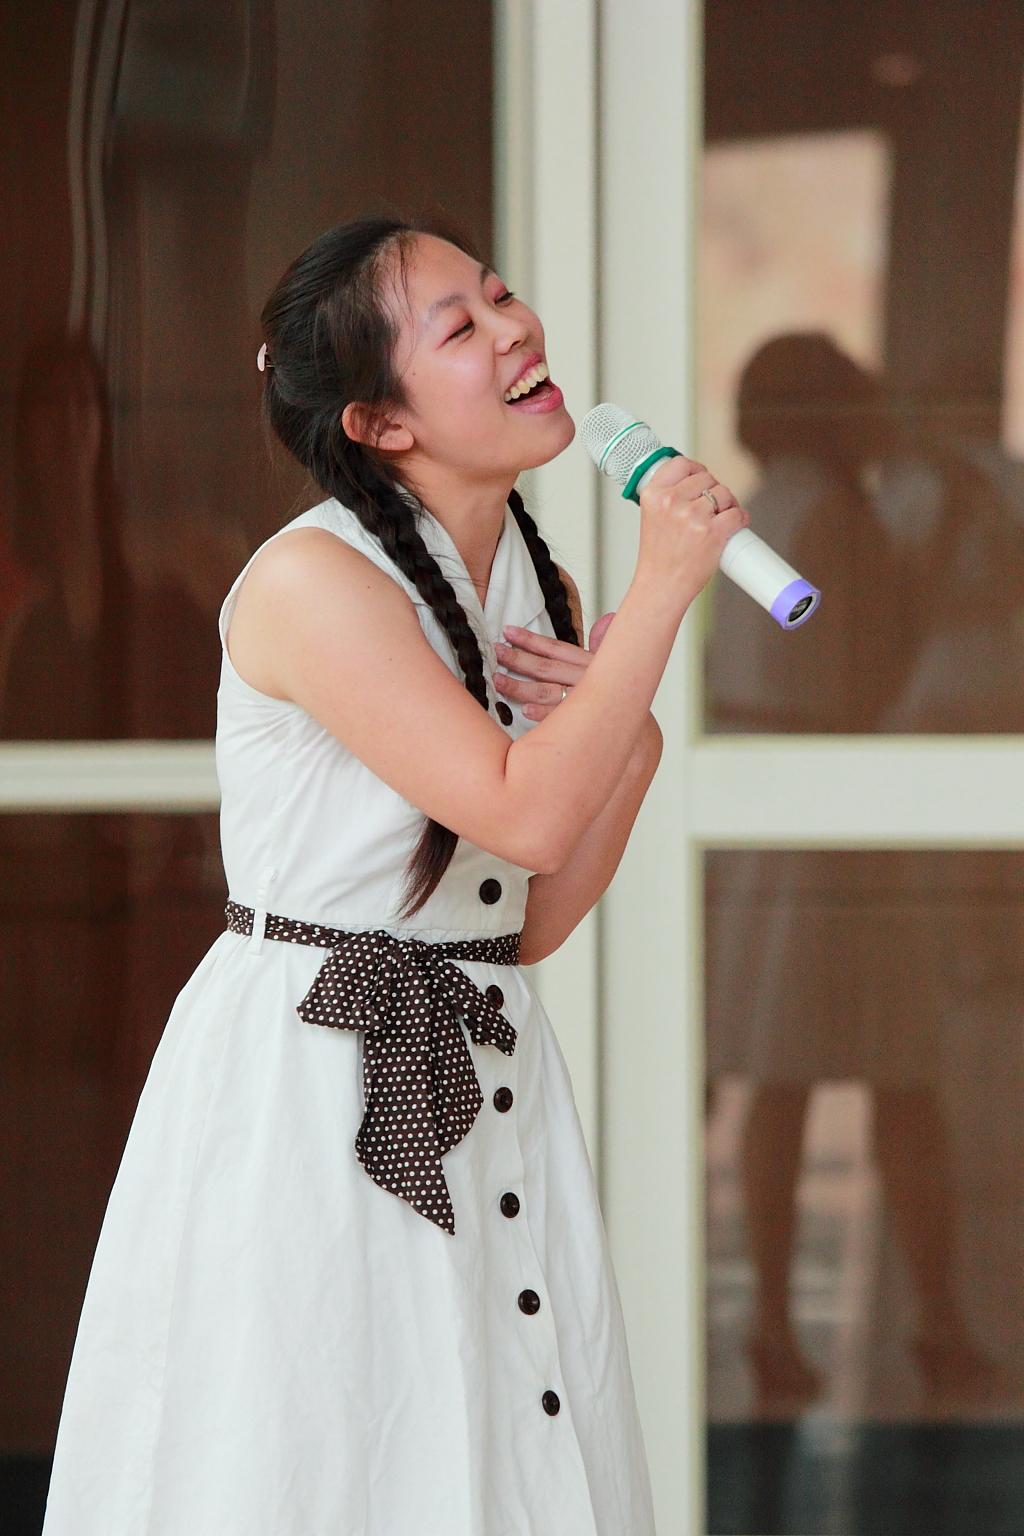 唱一首赞美的歌歌谱 高清图基督教歌曲等候神 基督教复活节舞蹈